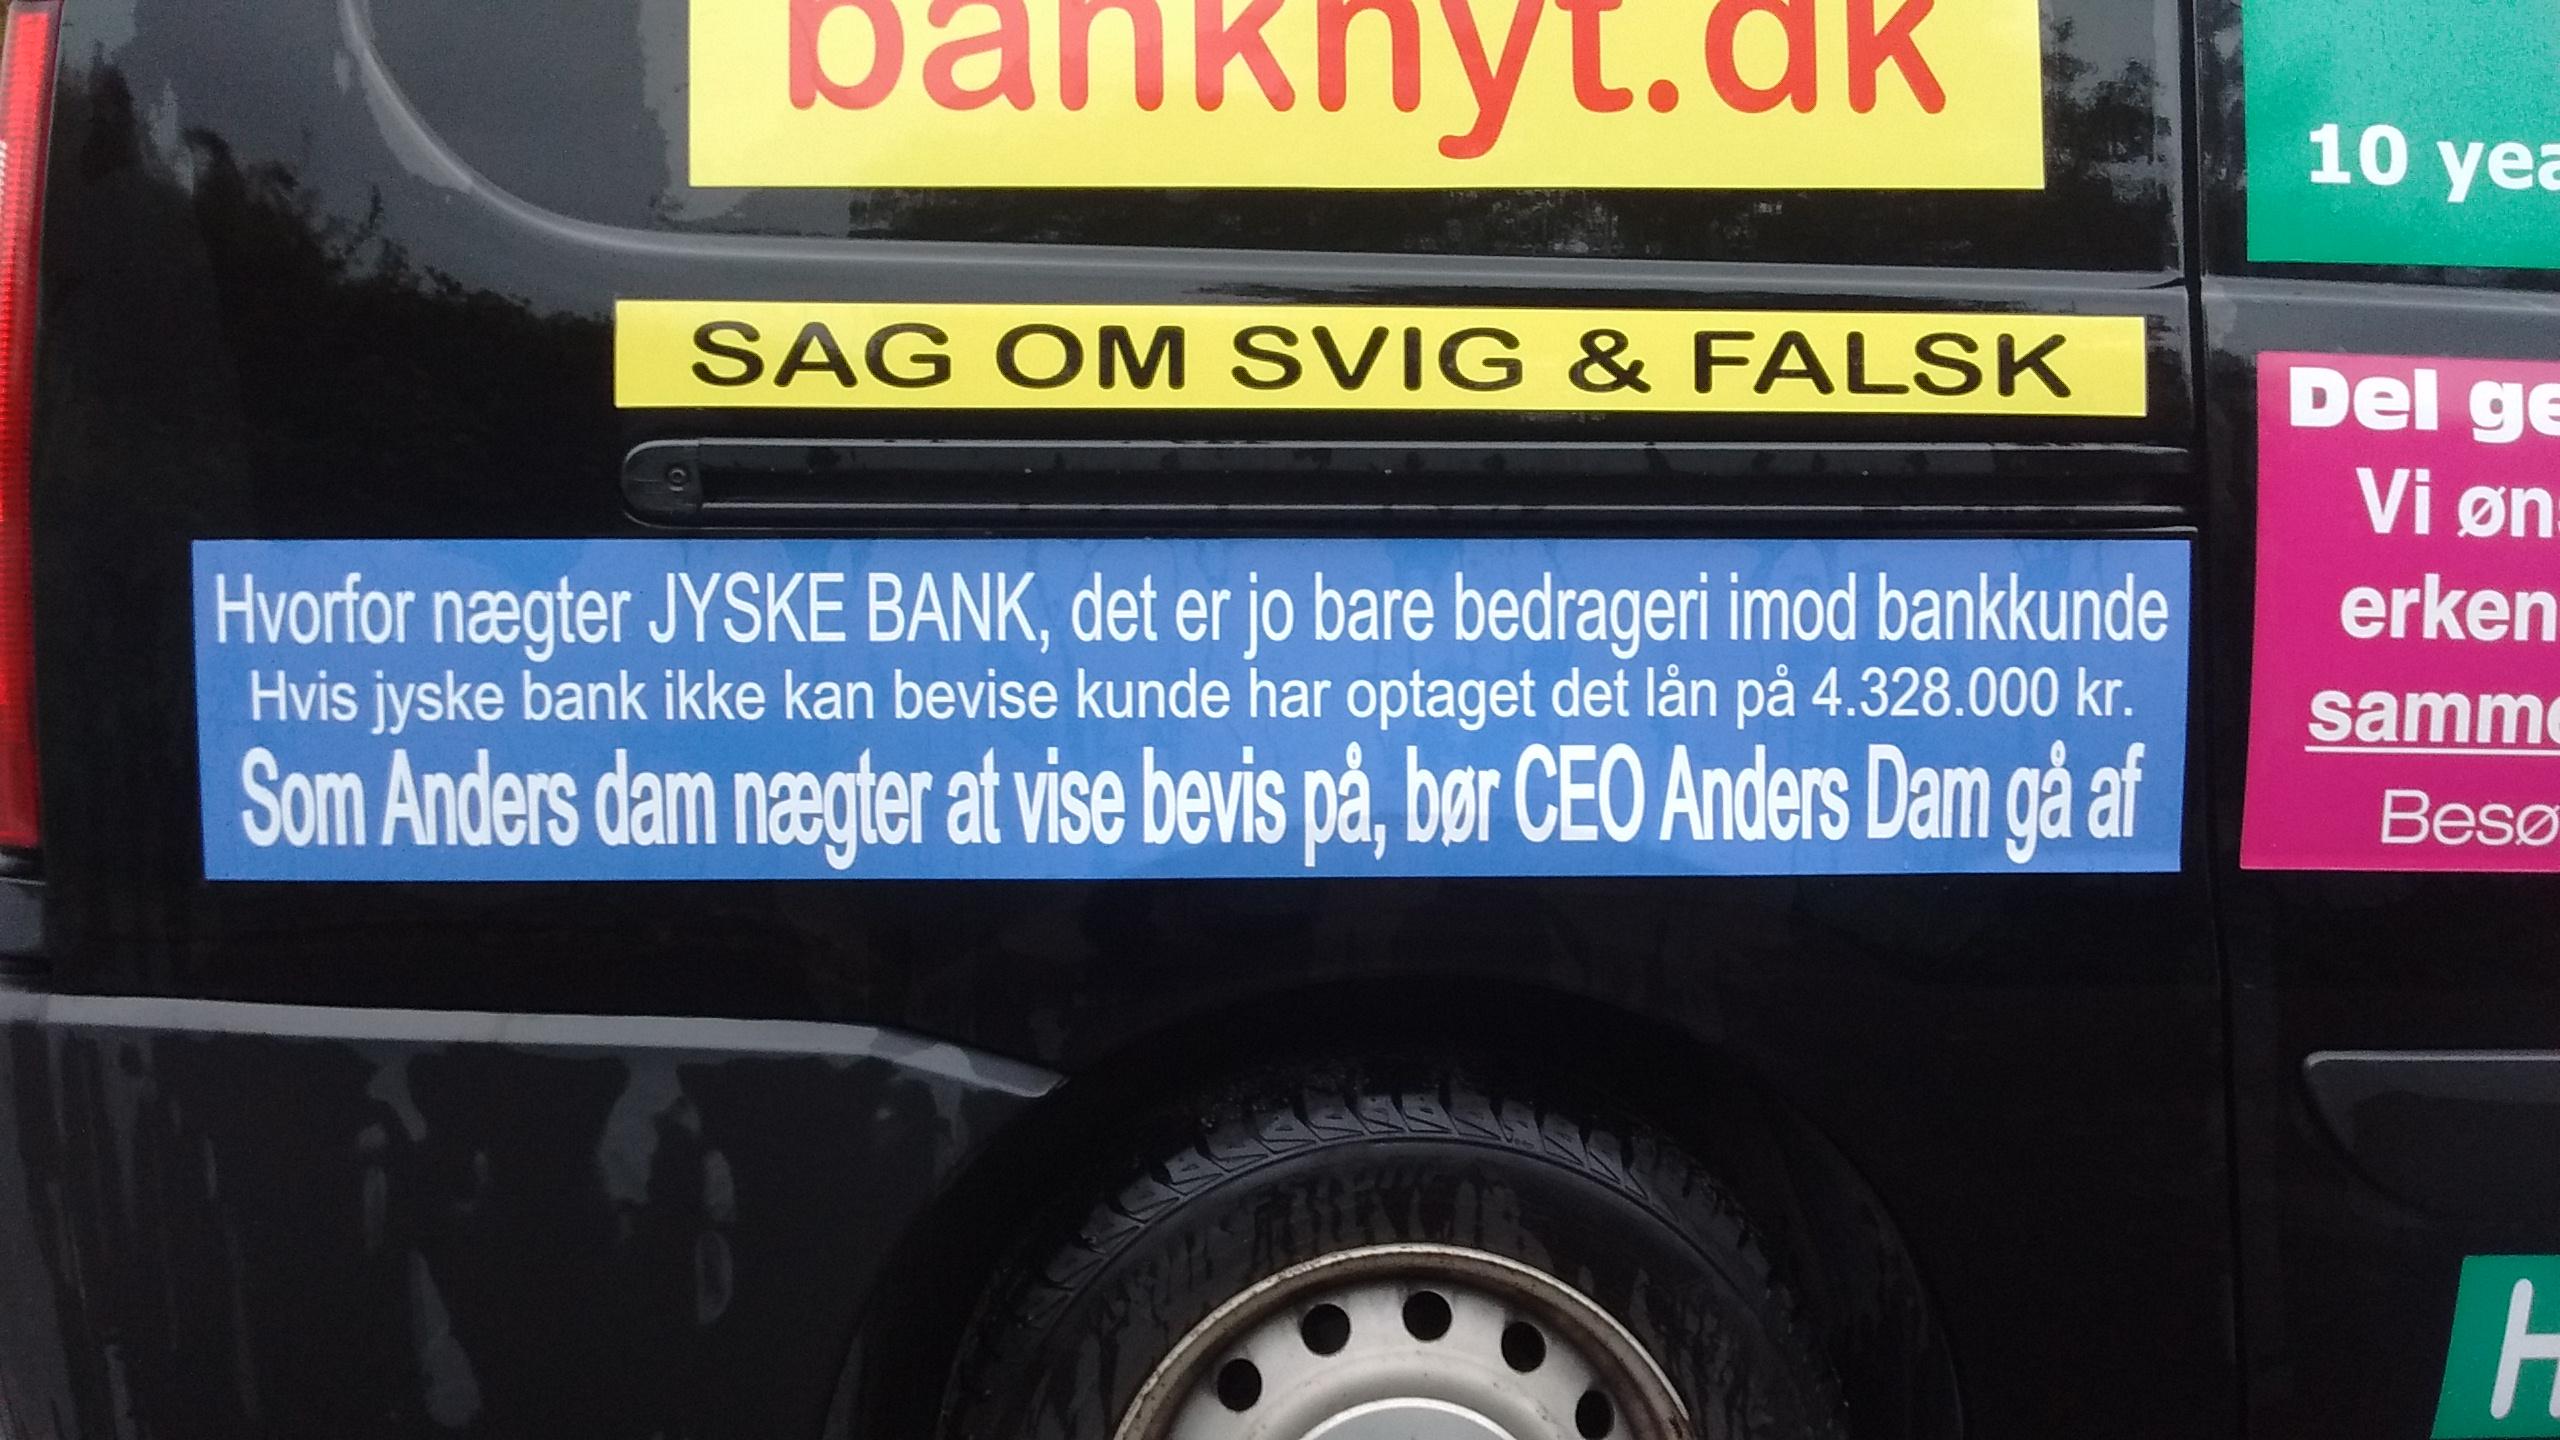 At nogle Danske Banker laver bedrageri er et alvorligt samfundsmæssig problem, og må være landsskadelig virksomhed. Politiet ved det sker, men vender det blinde øje til, mens banker bedrager os kunder. :-( At Danske Banker nægter at holde op med at bedrage deres kunder, er et alvorligt samfundsmæssig problem For hvornår bliver det dig det går ud over, har du kræfter til at stoppe svindel af stor Dansk Bank rettet mod dig selv. Vores sag er enkel Det gælder om at få Koncernledelsen i jyske bank til at erkende og undskylde deres medvirken til Jyske Banks mange års bedrageri / svig :-( :-( Da vi opdagede bedrageriet eller mente jyske bank udsatte os for et kæmpe bedrageri Skrev vi det til Koncernledelsen Eksempel. 18 & 19. maj. 2016. Det forsøgte Jyske Banks bestyrelse så 6 måneder efter, mere præcist Den 2. November 2016 at løbe fra. Hvor jyske bank bestyrelses medlem Philip Baruch forsøgte at lokke os til et møde, med en skjult agenda Bestyrelses medlemmet og advokat firmaet Lund Elmer Sandager ville forsøge lokke os, til at lave en rente bytte på et lån, et lån vi faktisk har. Sikkert mod at tilbud om tilbage betaling af nogle, af de penge jyske bank ved mandatsvig har STJÅLLET ved deres adgang til vores konti. DEN GIK IKKE Jyske Bank har siden kun ville fortsætte bedrageriet, hvilket vi syntes er både ækelt og modbydeligt gjort. Men jyske bank er jo en anderleds bank, en bank som bevidst og fortsat bedrager os. :-( :-( :-( Vedr. Svig og Falsk sagen mod jyske bank Hold øje med dato for retsmøde og hoved forhandling. BS 99-698/2015 Vi går i retten for at stoppe den svindel jyske bank ikke selv vil stoppe. :-) FORBEREDELSE TIL HOVEDFORHANDLING: VIDNER: Vidner i jyske bank sagen, der ønskes indkaldt, og måske ikke alle sammen ved at bedrageriet er opdaget, de kan jo læse om sagen på www.banknyt.dk www.tyv.dk Samt flere andre sider. Vi ønsker såmænd bare at disse personer BEKRAFTER hvad de har lavet og skrevet. Eller som advokater og bestyrelse har fået oplyst uden at g